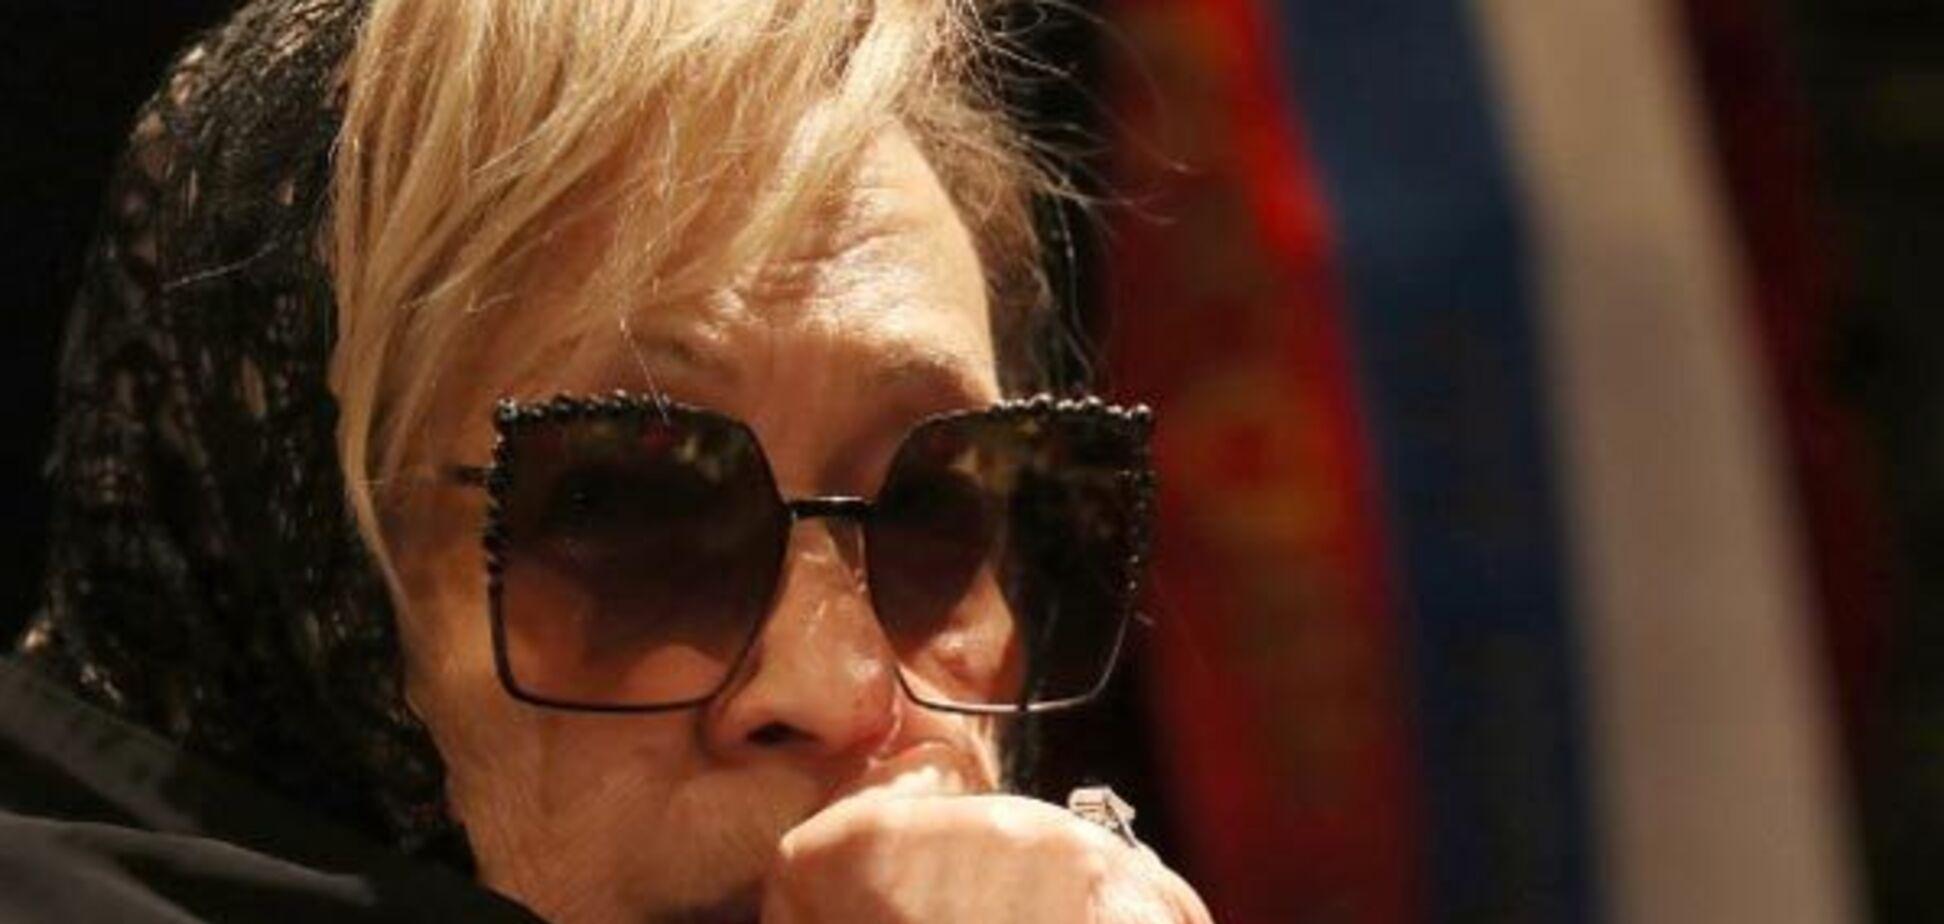 Появилось последнее фото и видео умершей актрисы Галины Волчек на публике